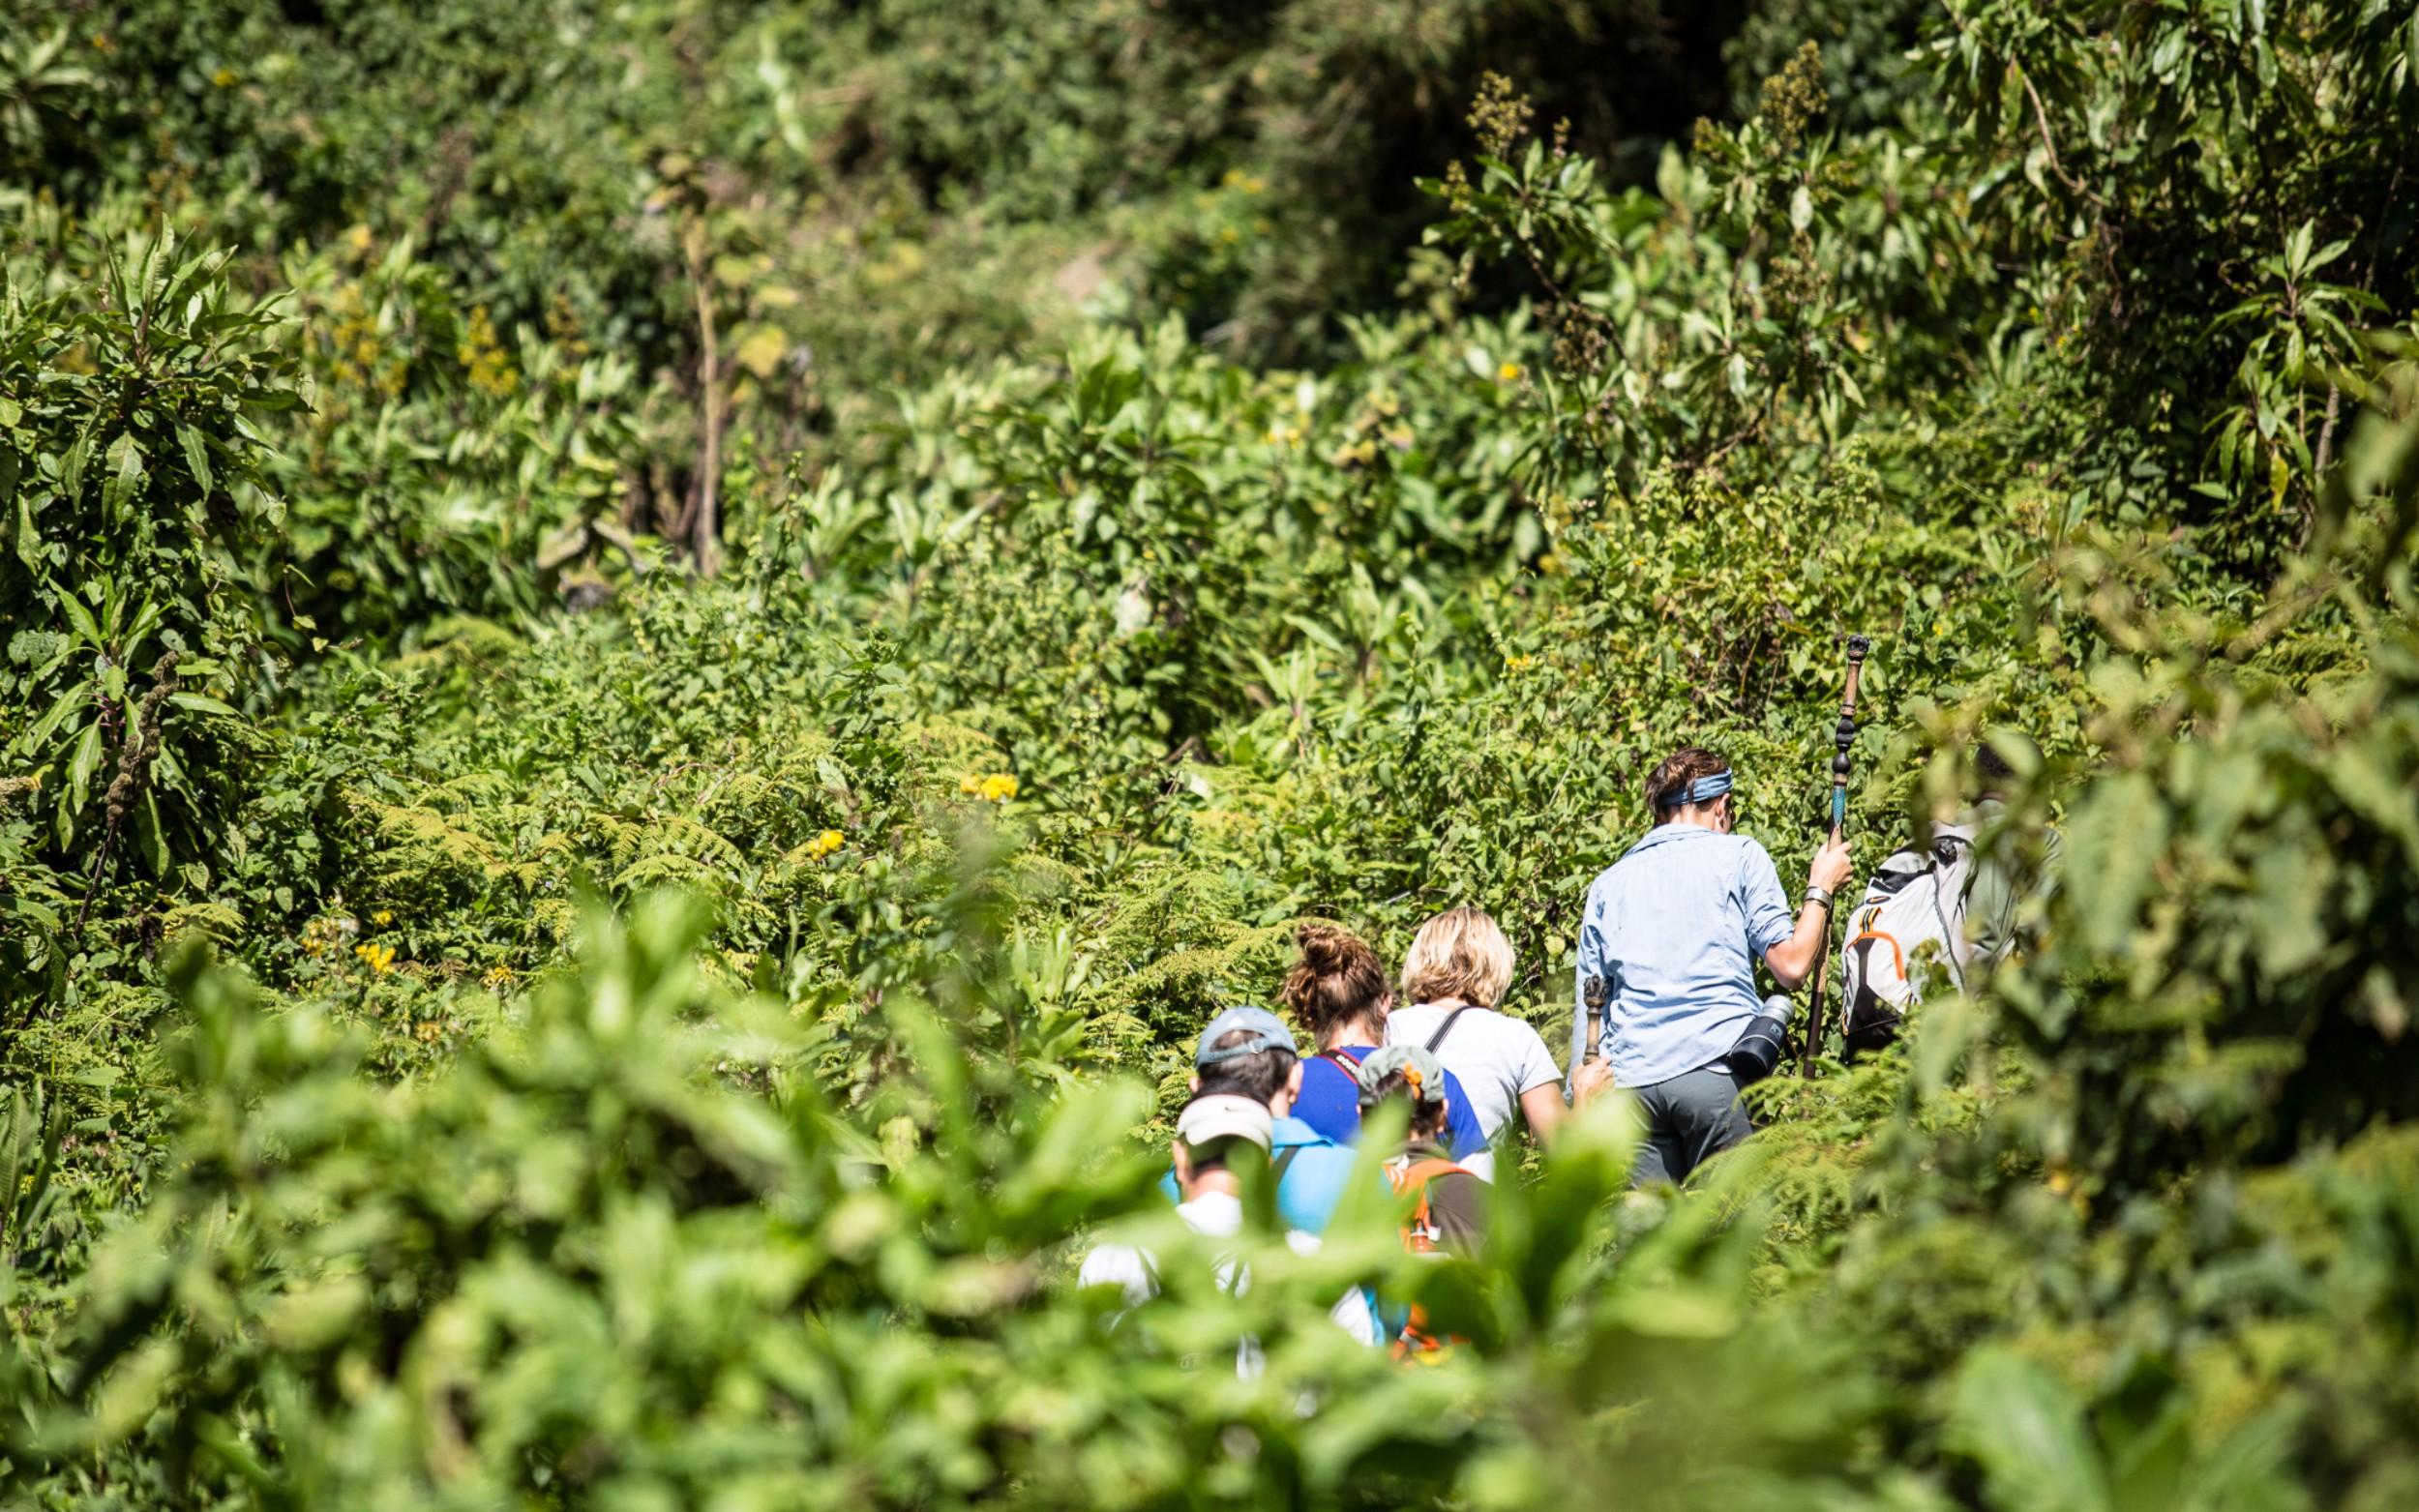 PNV trekking.jpg